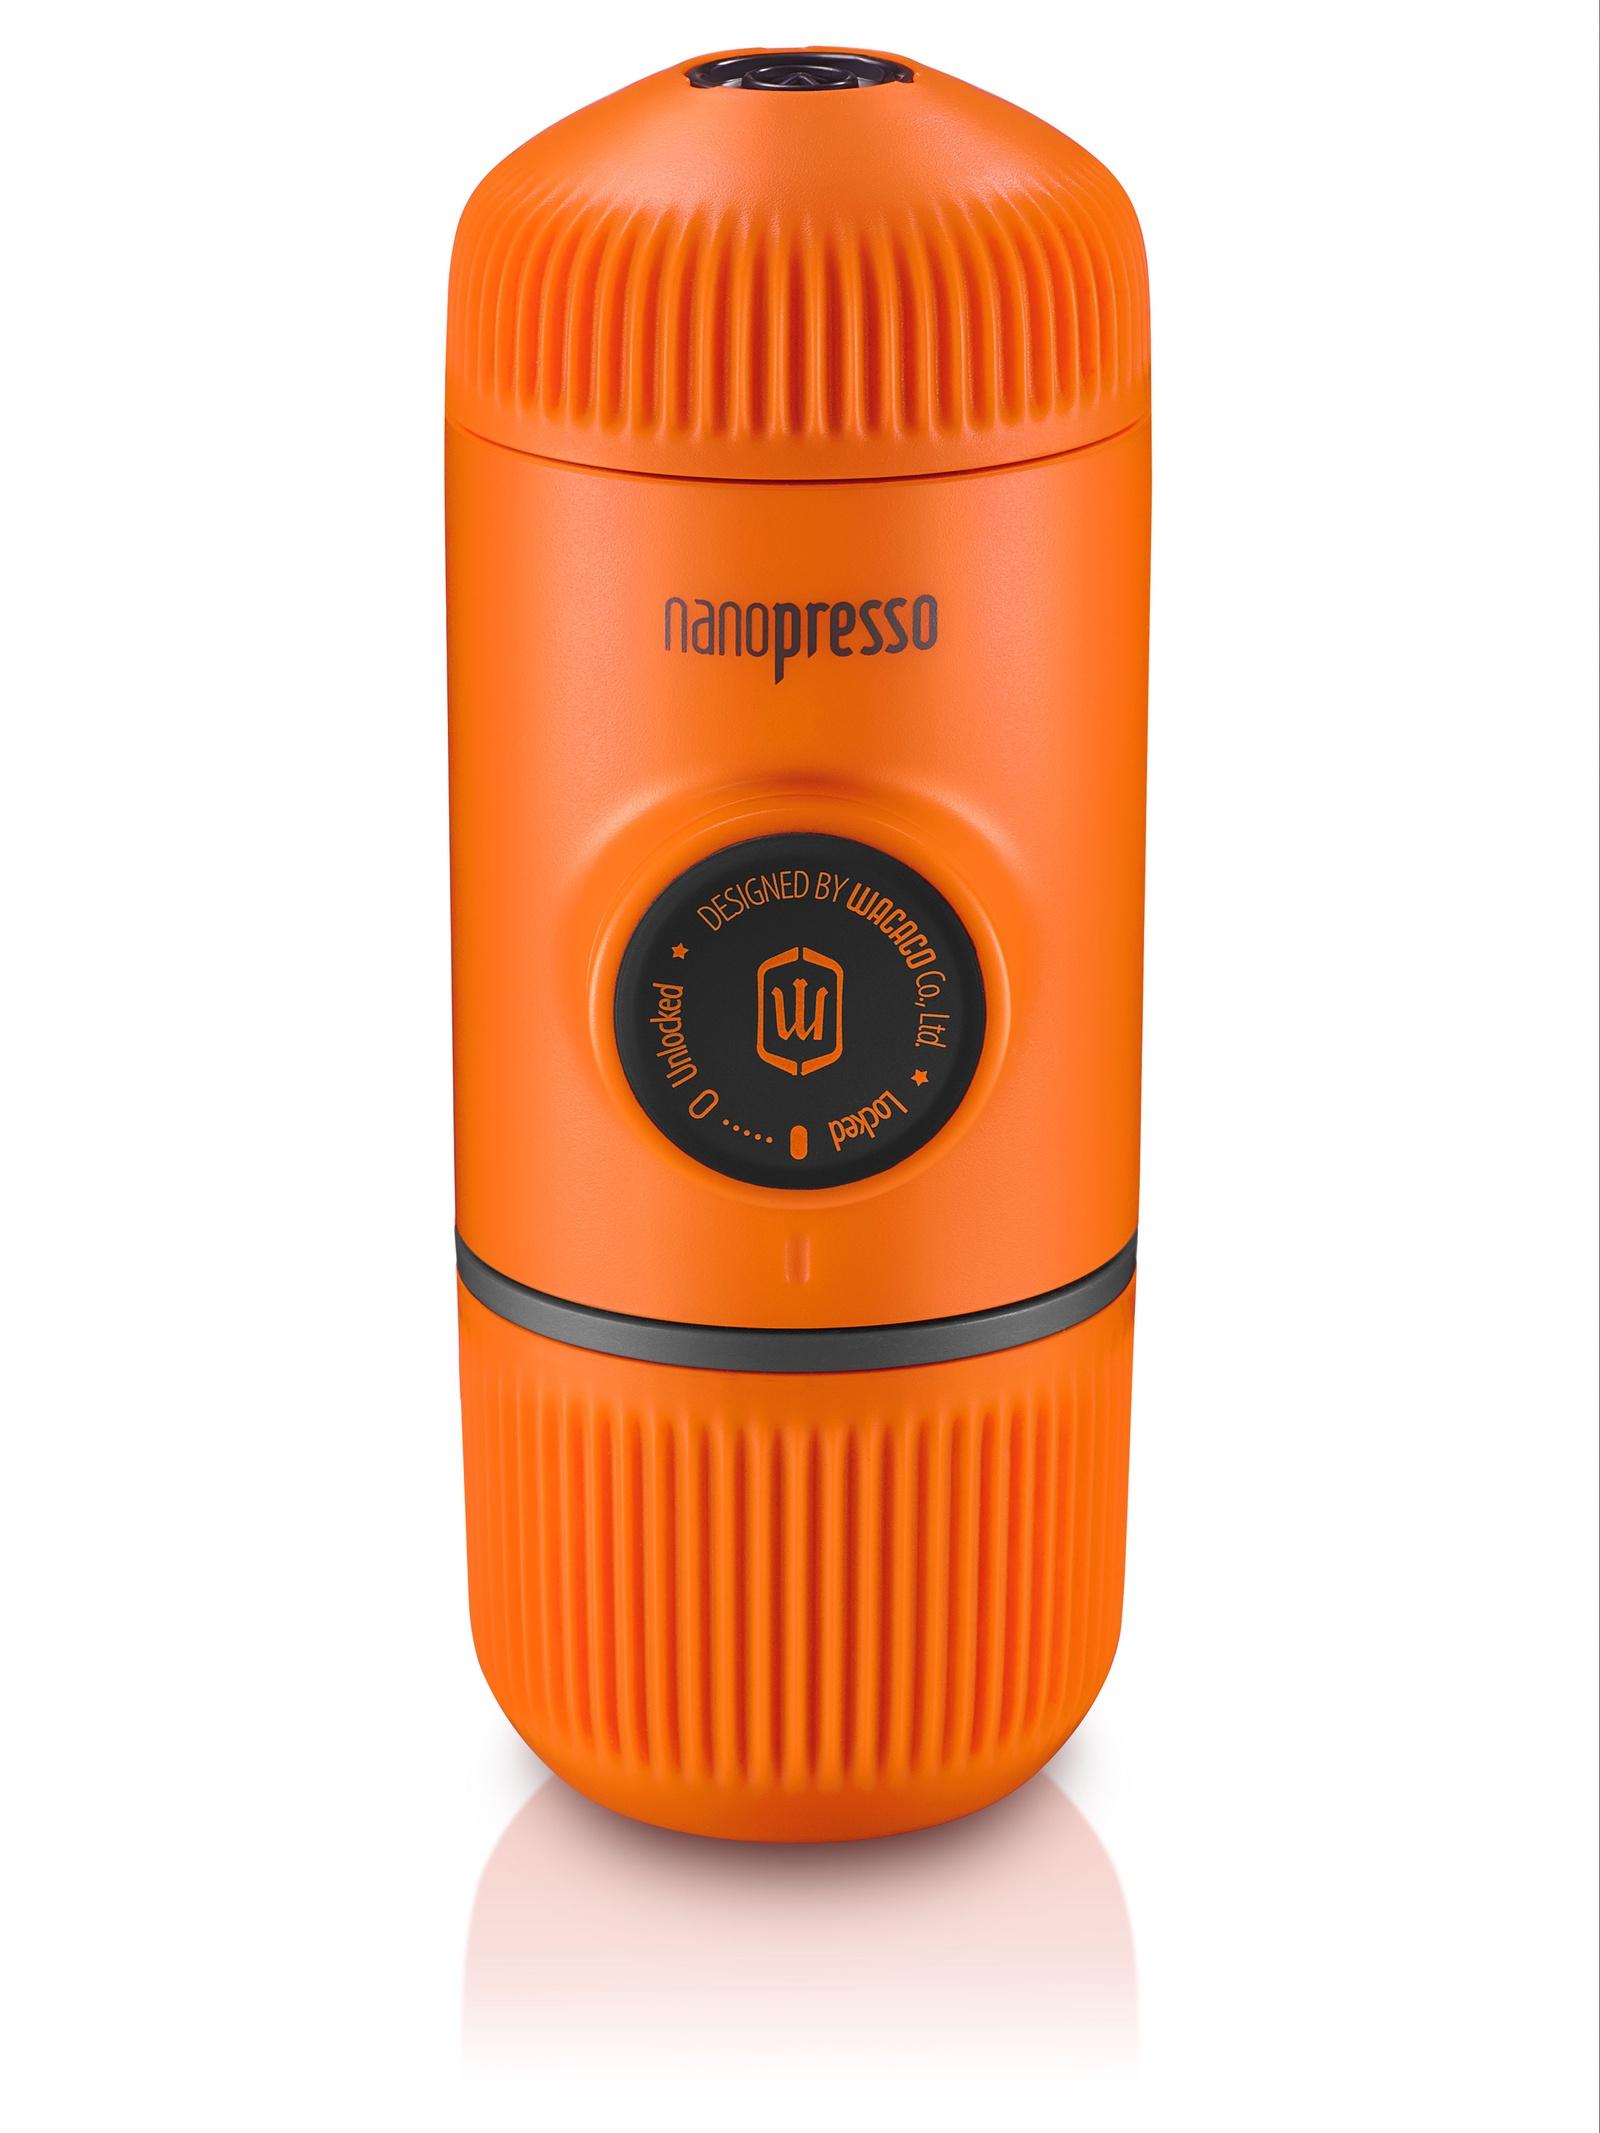 Кофемашина Wacaco Ручная мини-кофемашина Wacaco (NANOPRESSO-ORANGEPATROL), молотый кофе, оранжевый, NANOPRESSO-ORANGEPATROL